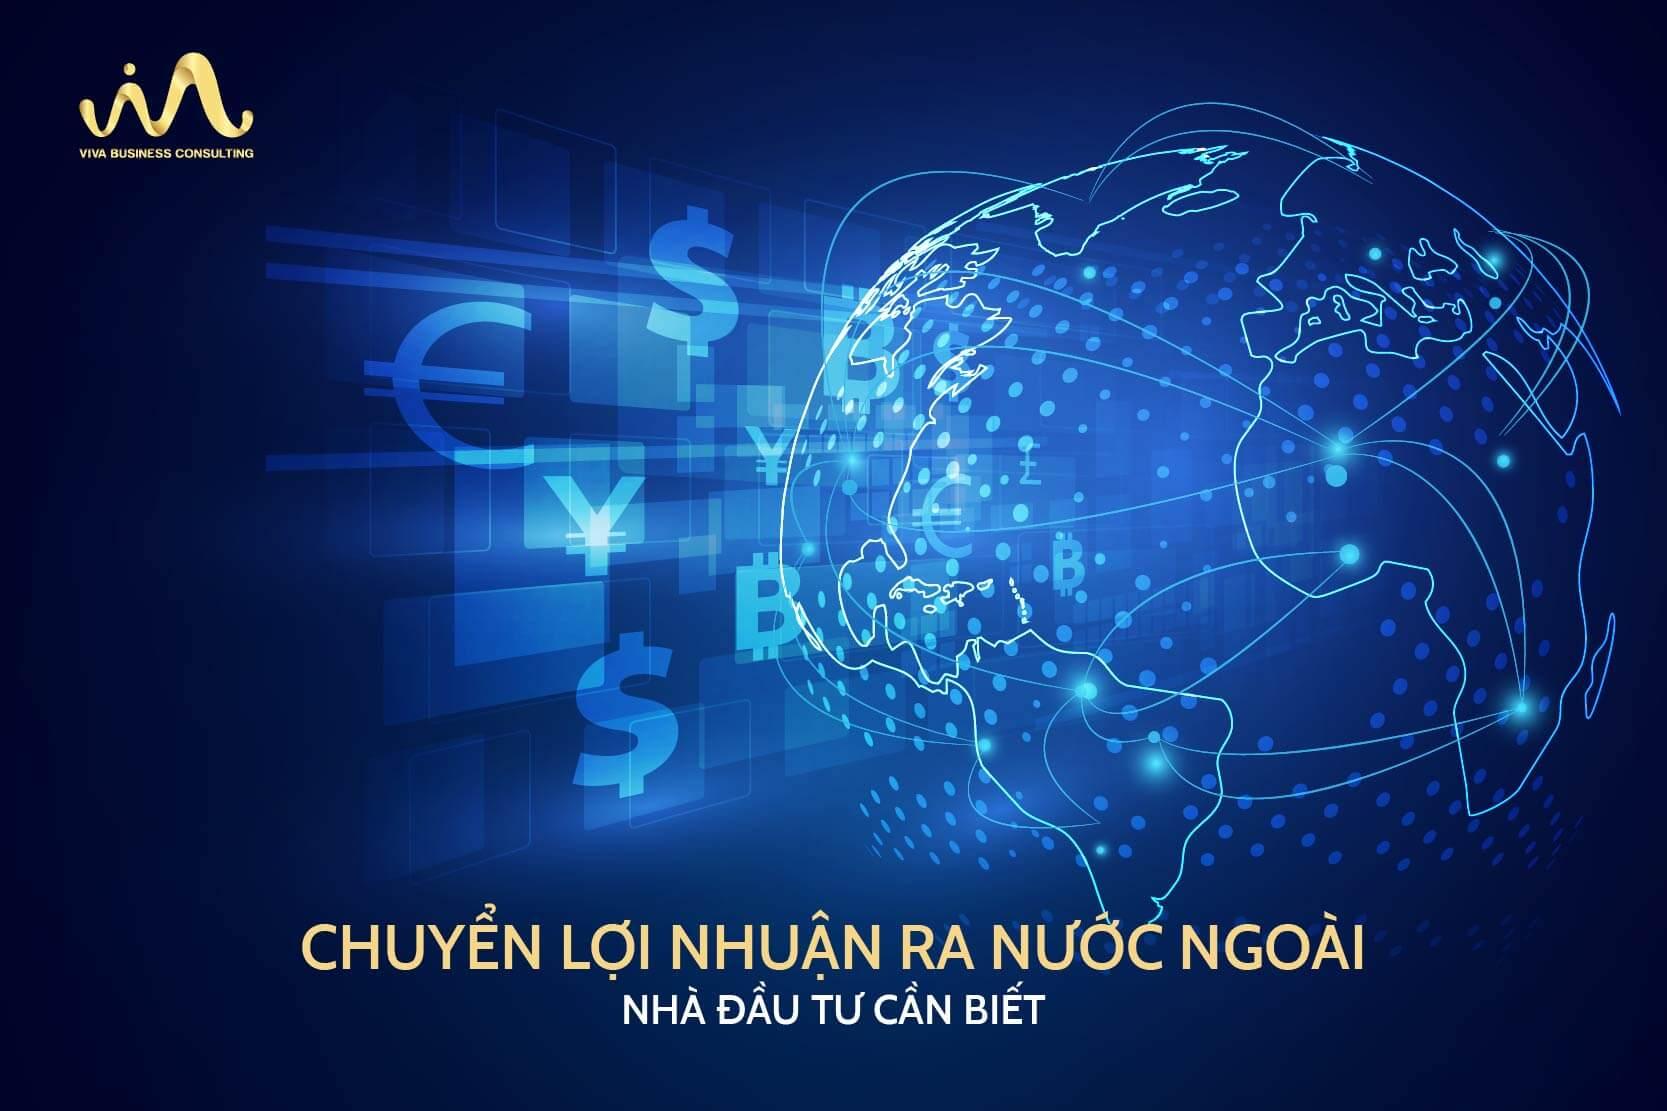 Nhà đầu tư cần xác định được thời điểm và thủ tục chuyển lợi nhuận ra nước ngoài